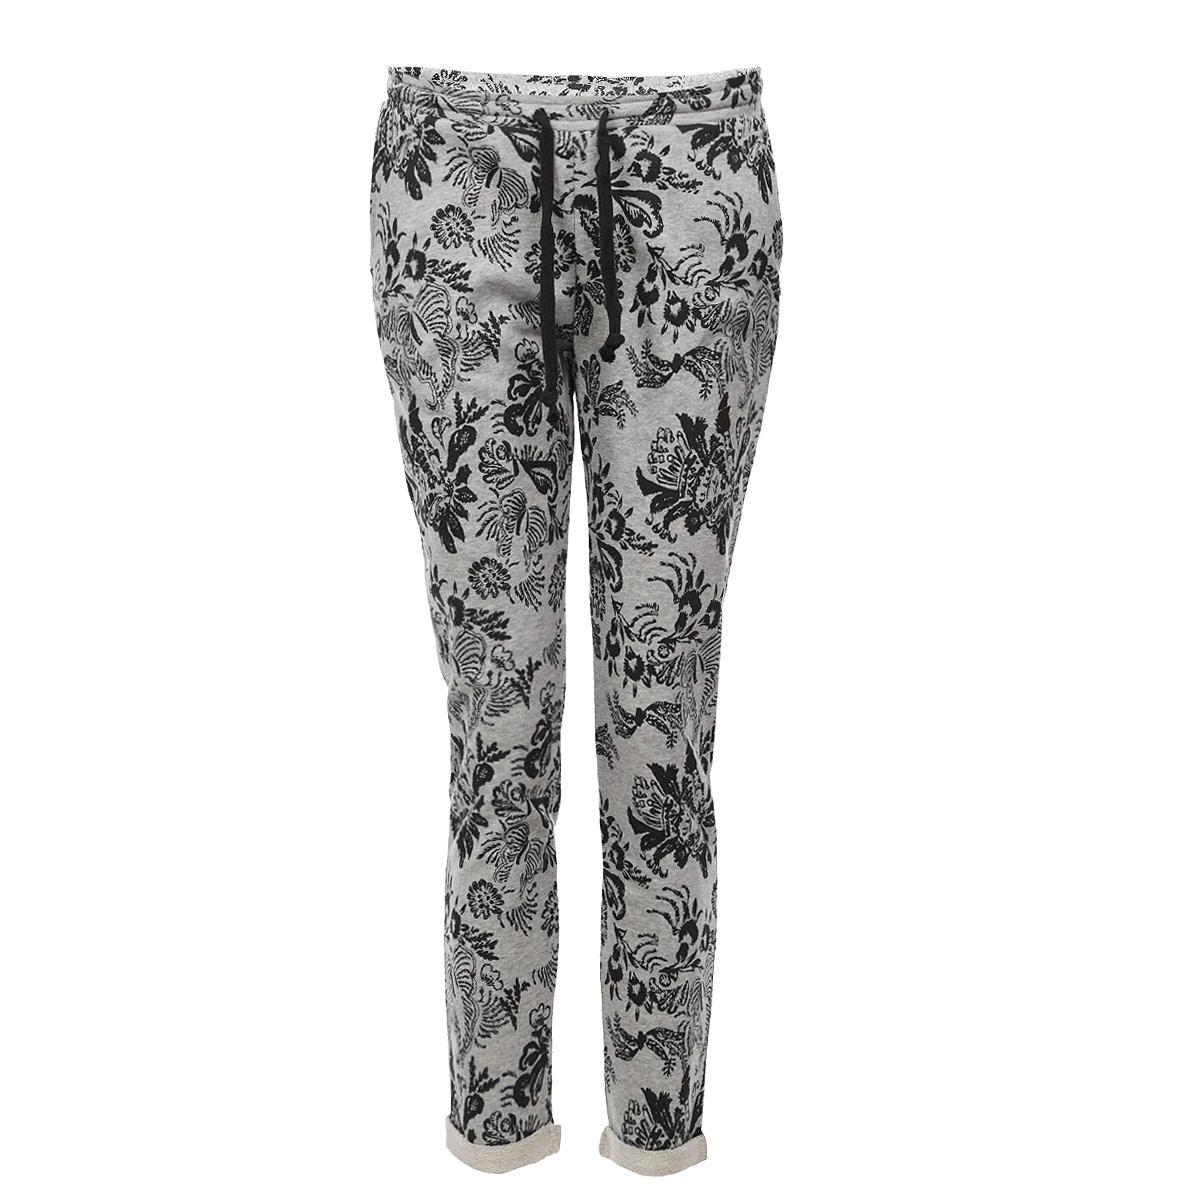 Брюки60101709 80KСимпатичные трикотажные спортивные женские брюки Broadway, выполненные из высококачественного материала отлично будут на вас смотреться. Пояс дополнен эластичной резинкой и шнурком. Брюки оформлены двумя втачными боковыми карманами спереди и двумя накладными карманами - сзади. Внизу брючины дополнены отворотами. Такие брюки, несомненно, вам понравятся и послужат отличным дополнением к вашему гардеробу.